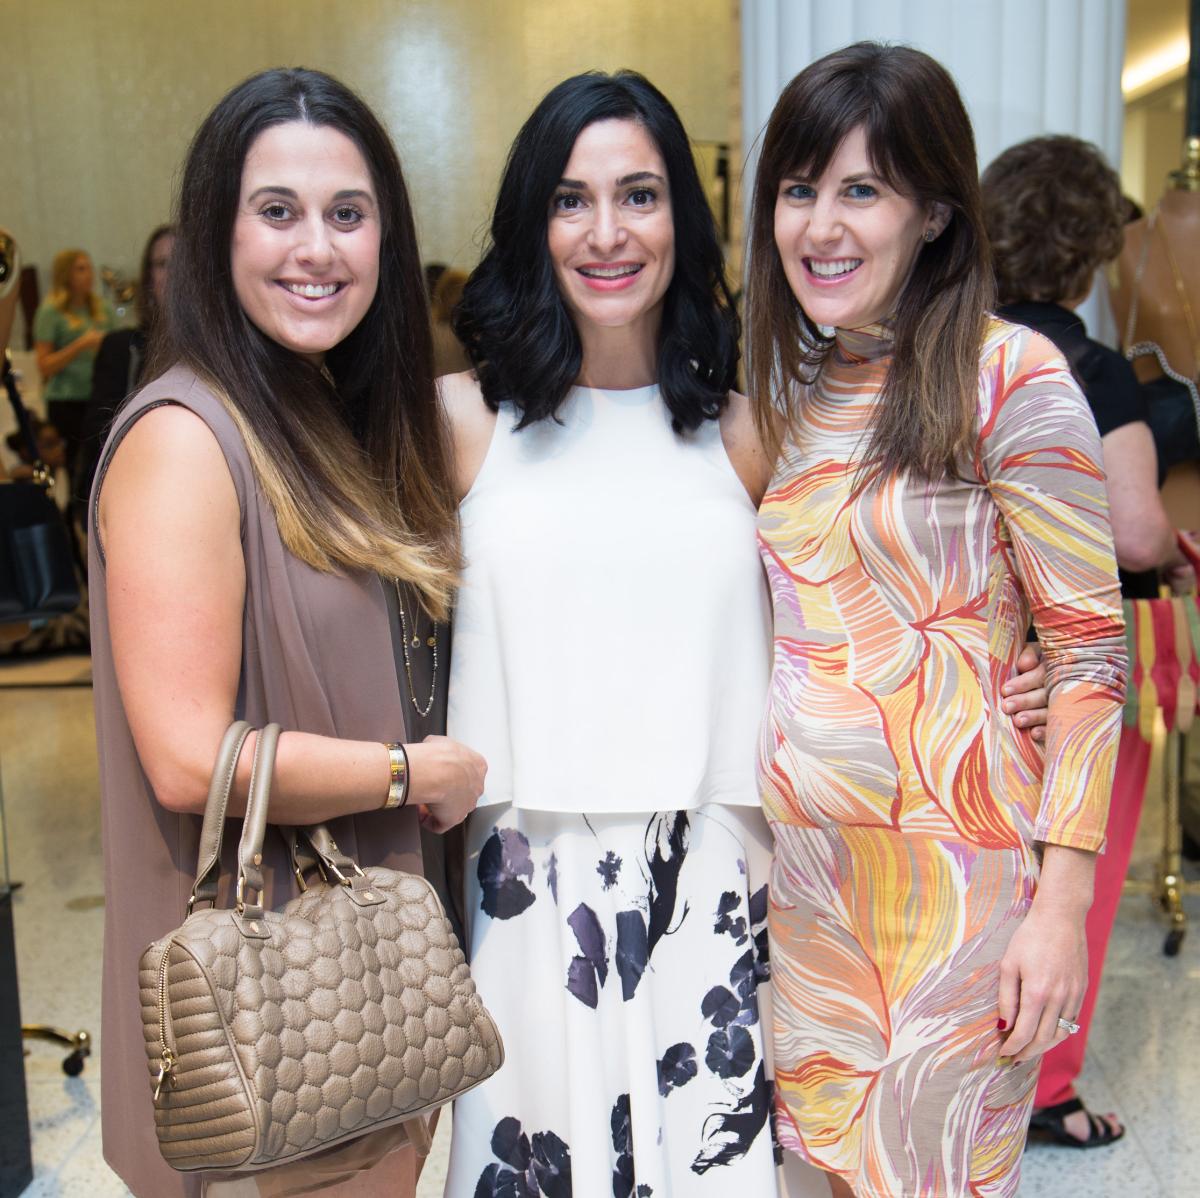 News, Shelby, Ovarian Cancer Awareness Month. tootsies, Sept. 2015,Julie Weinstein, Candace Thomas, Lauren Mills